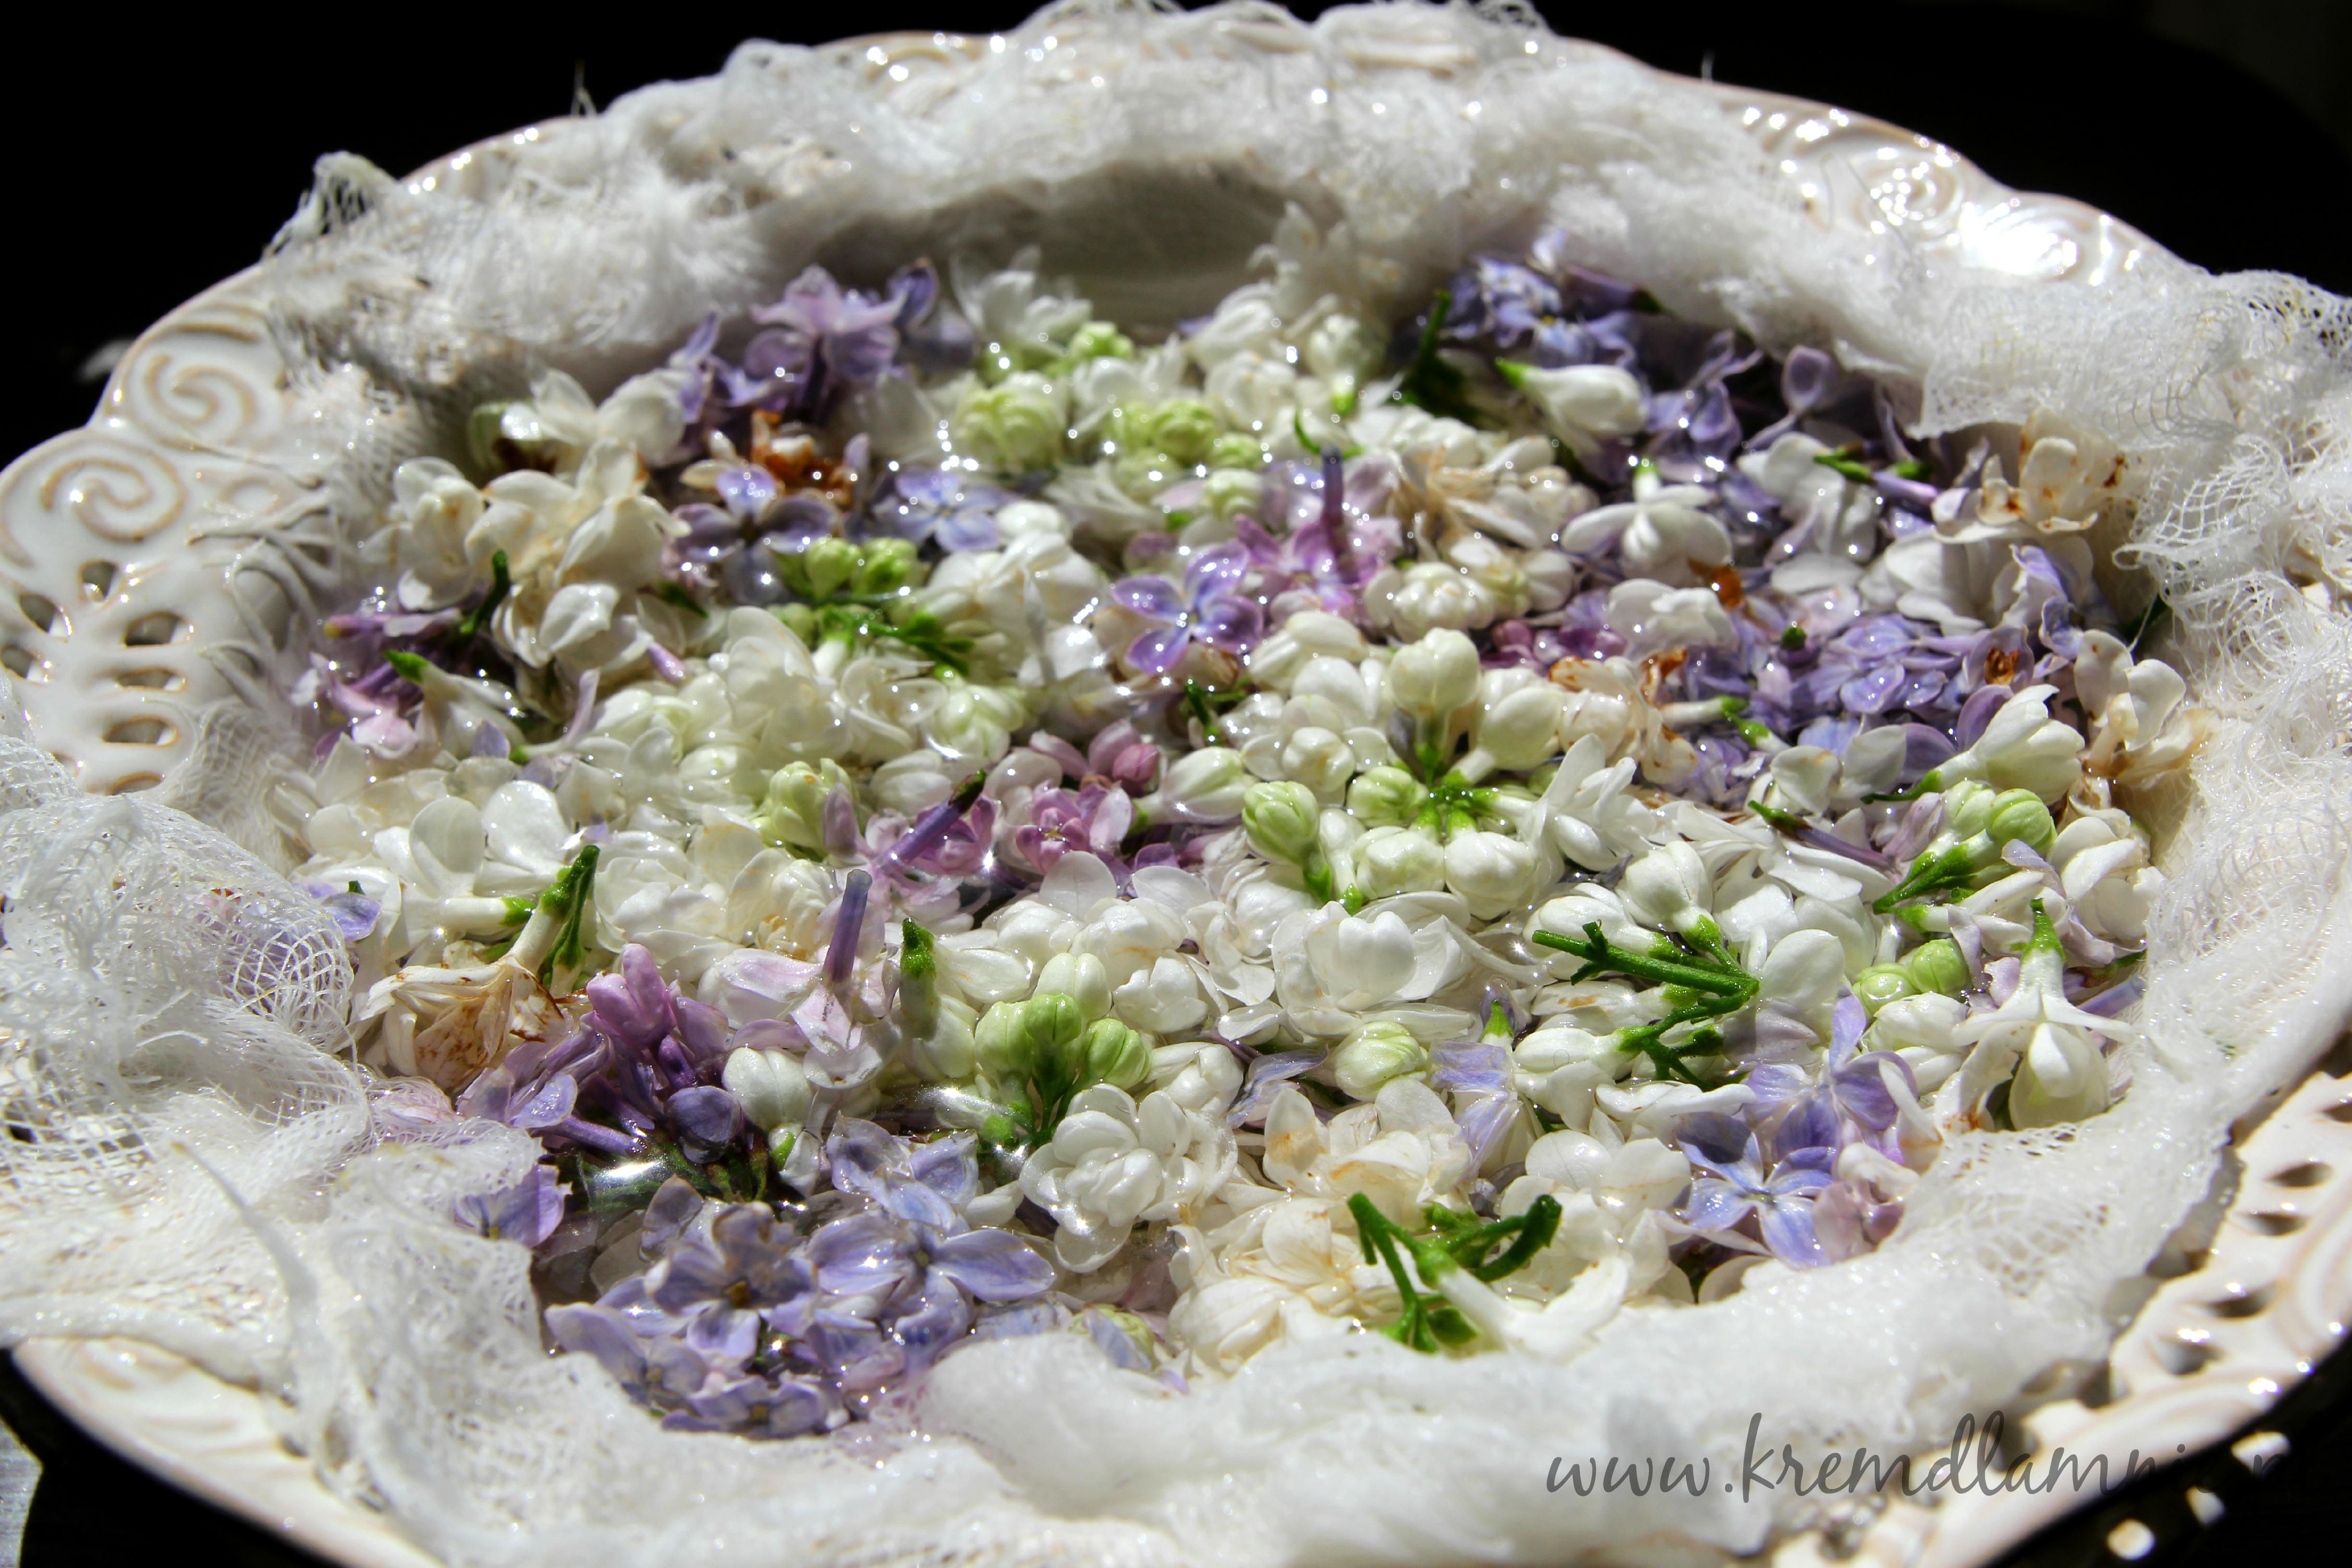 Kwiaty Woda Mineralna